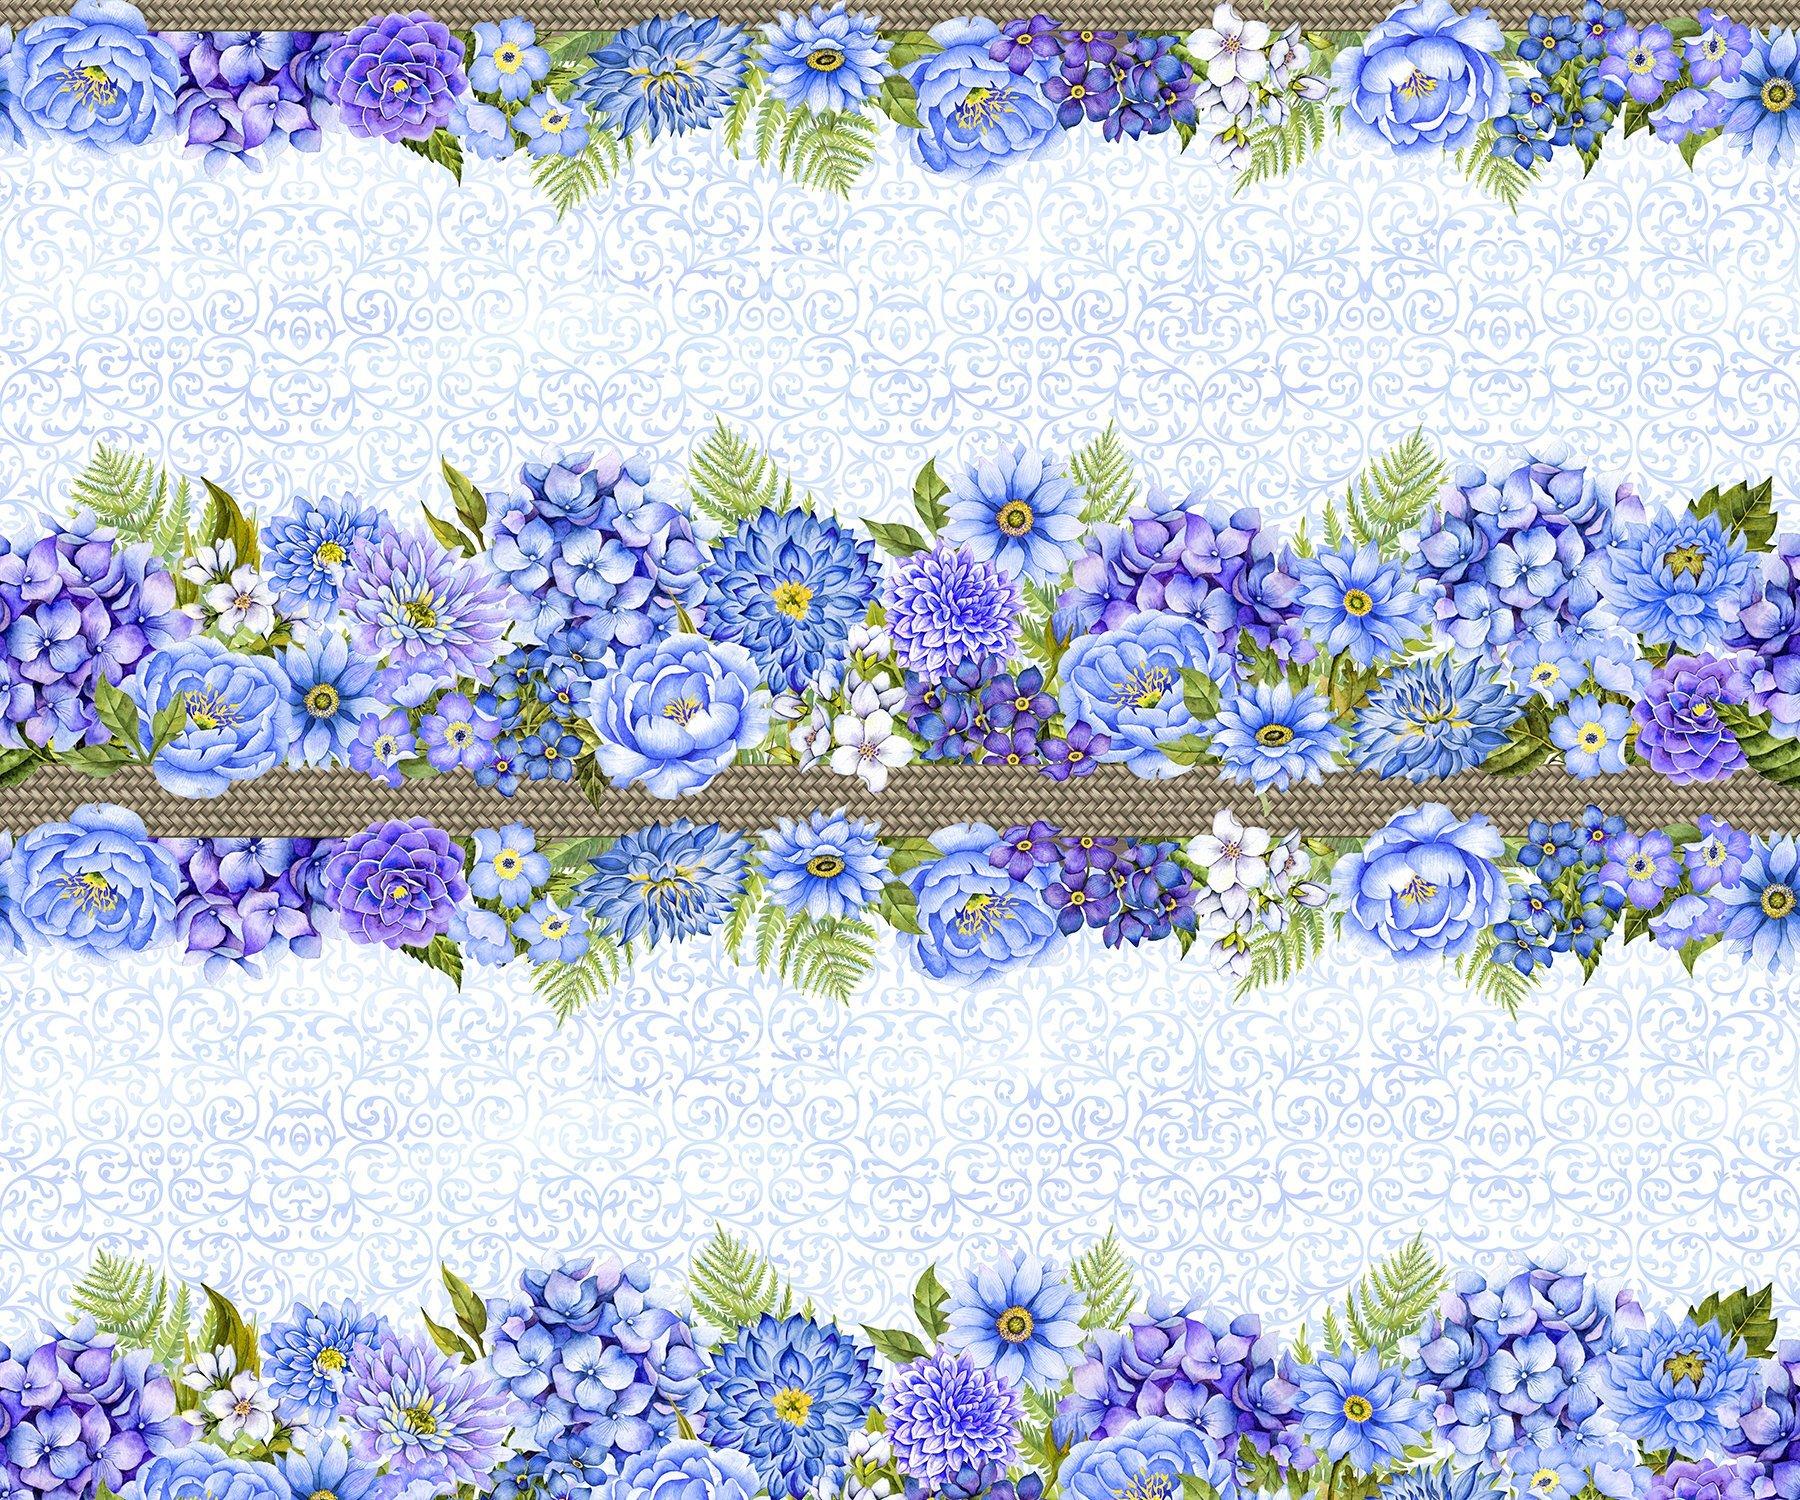 3SEW1 - Karen's Garden - Border Stripe - Peri by Jason Yenter for In The Beginning Fabrics